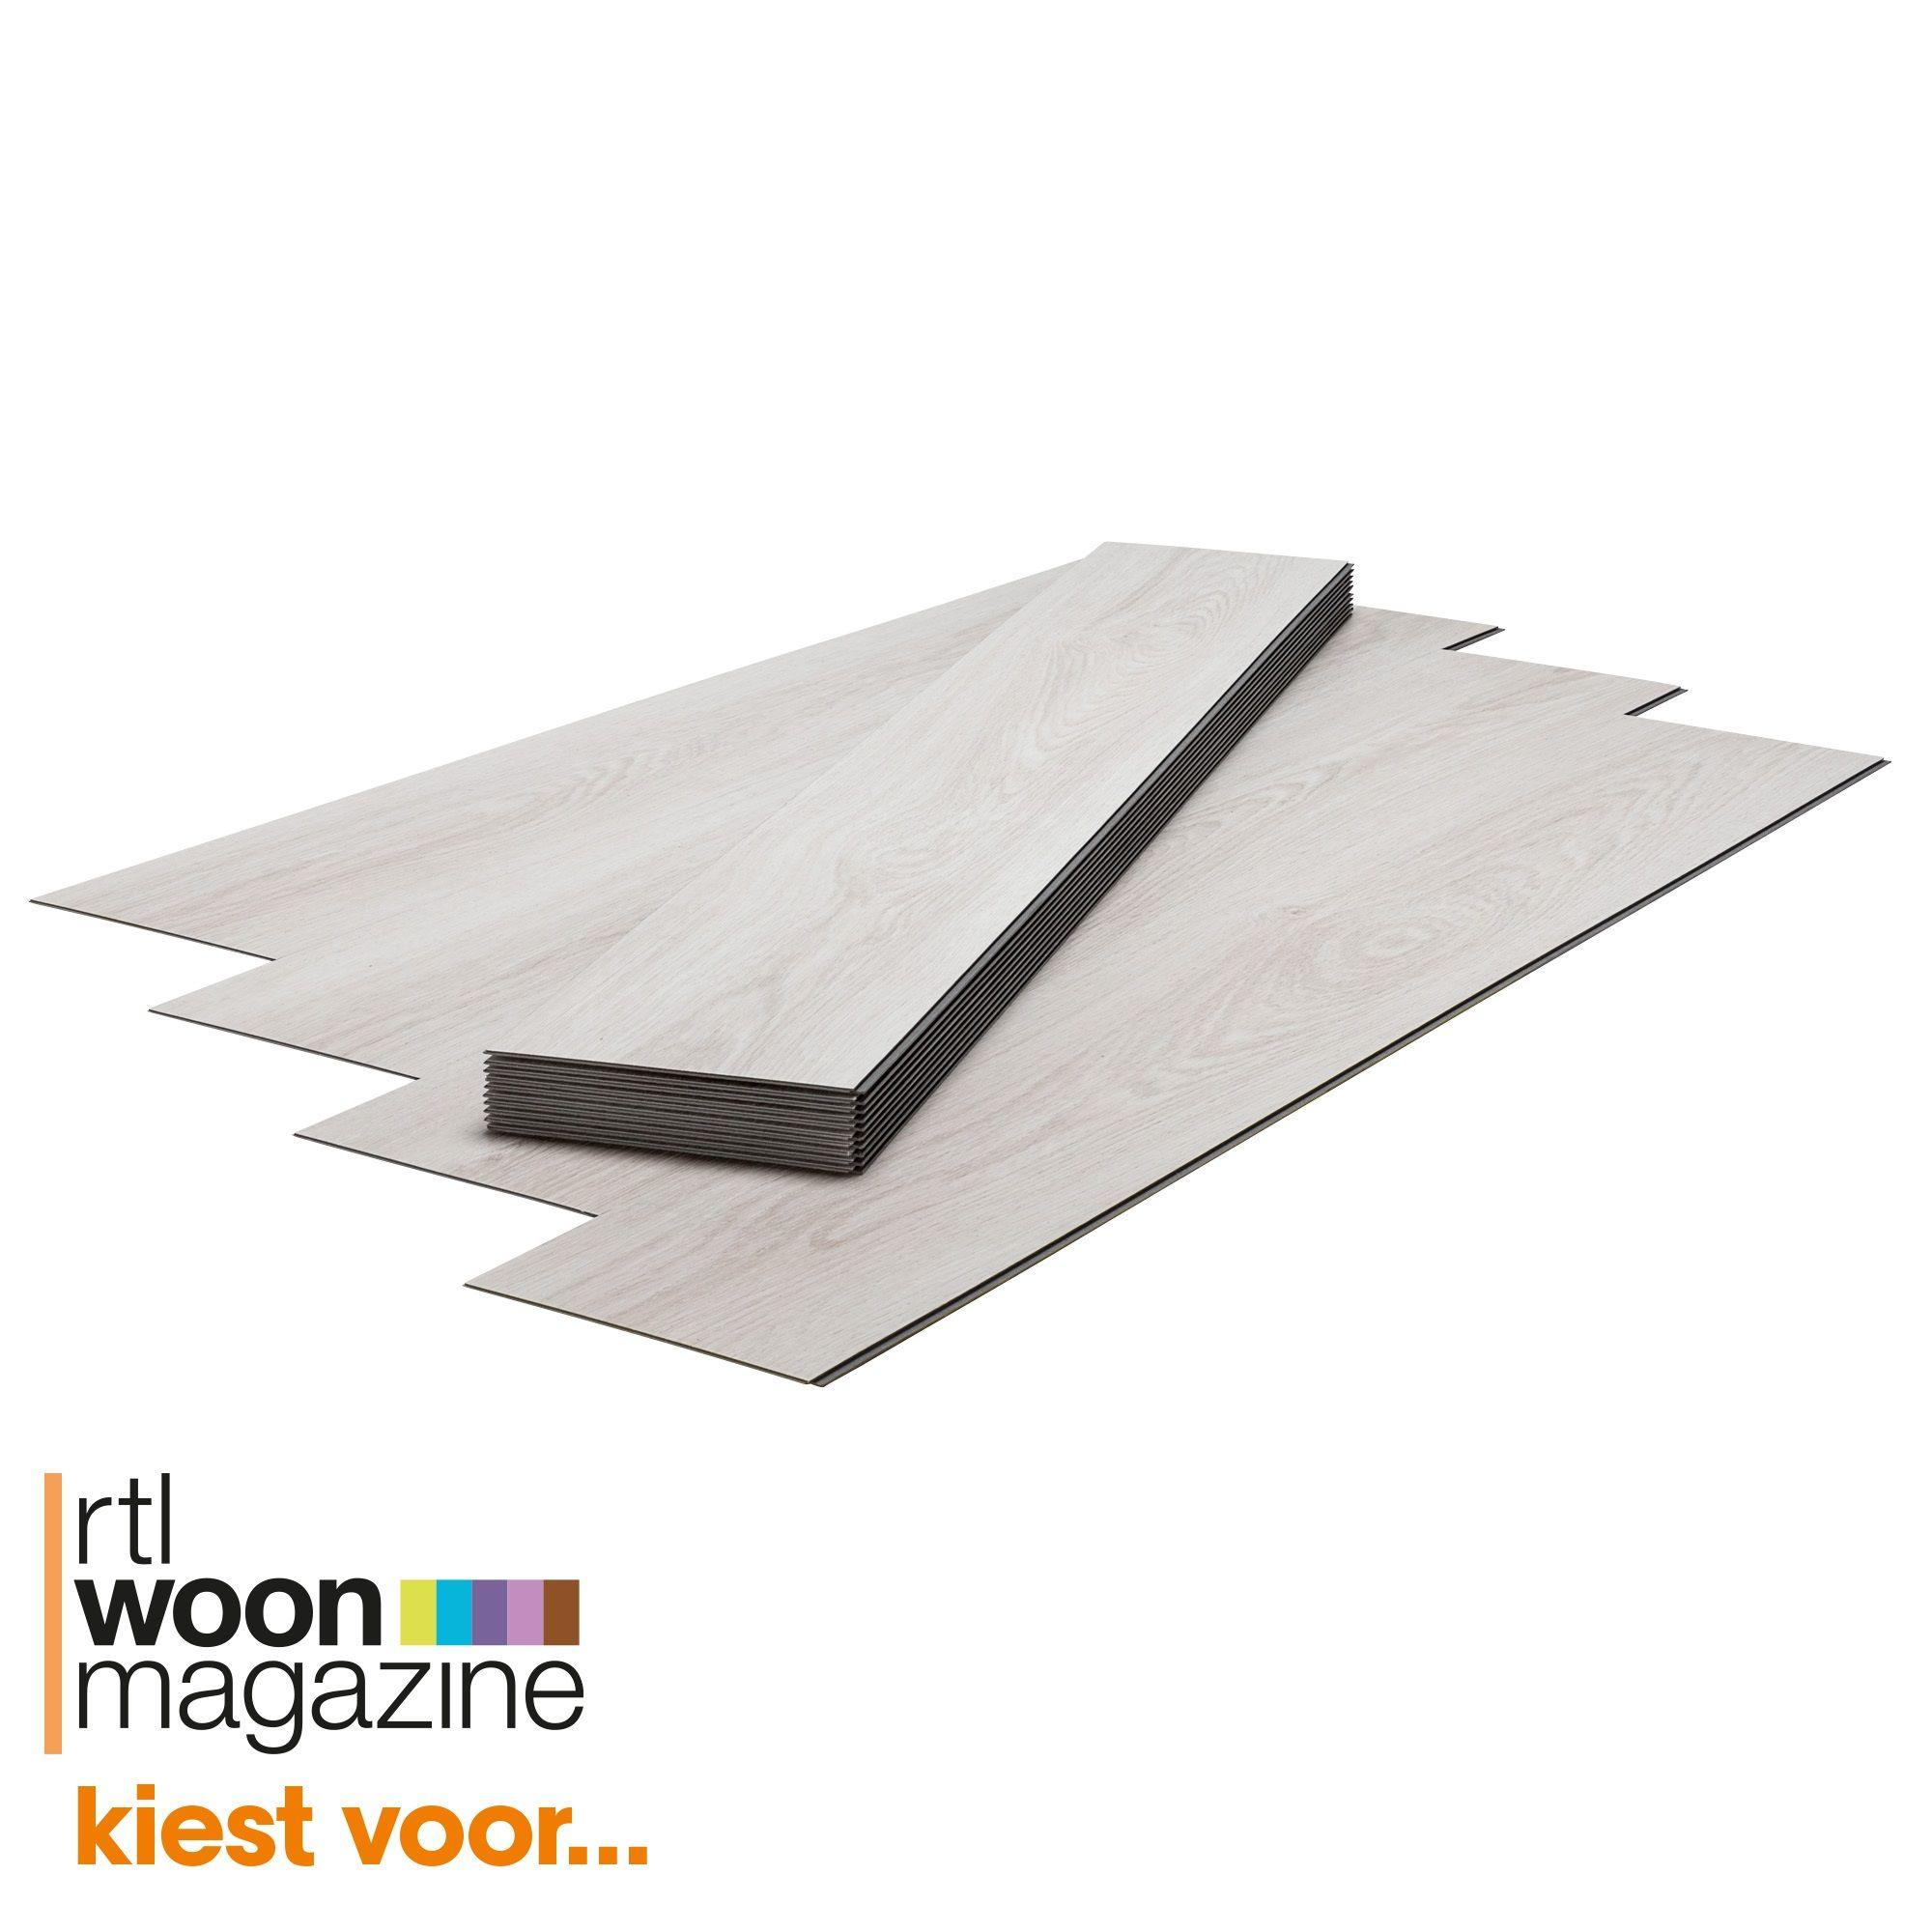 vinylstrook berkely met wit eiken houtdessin geschikt voor